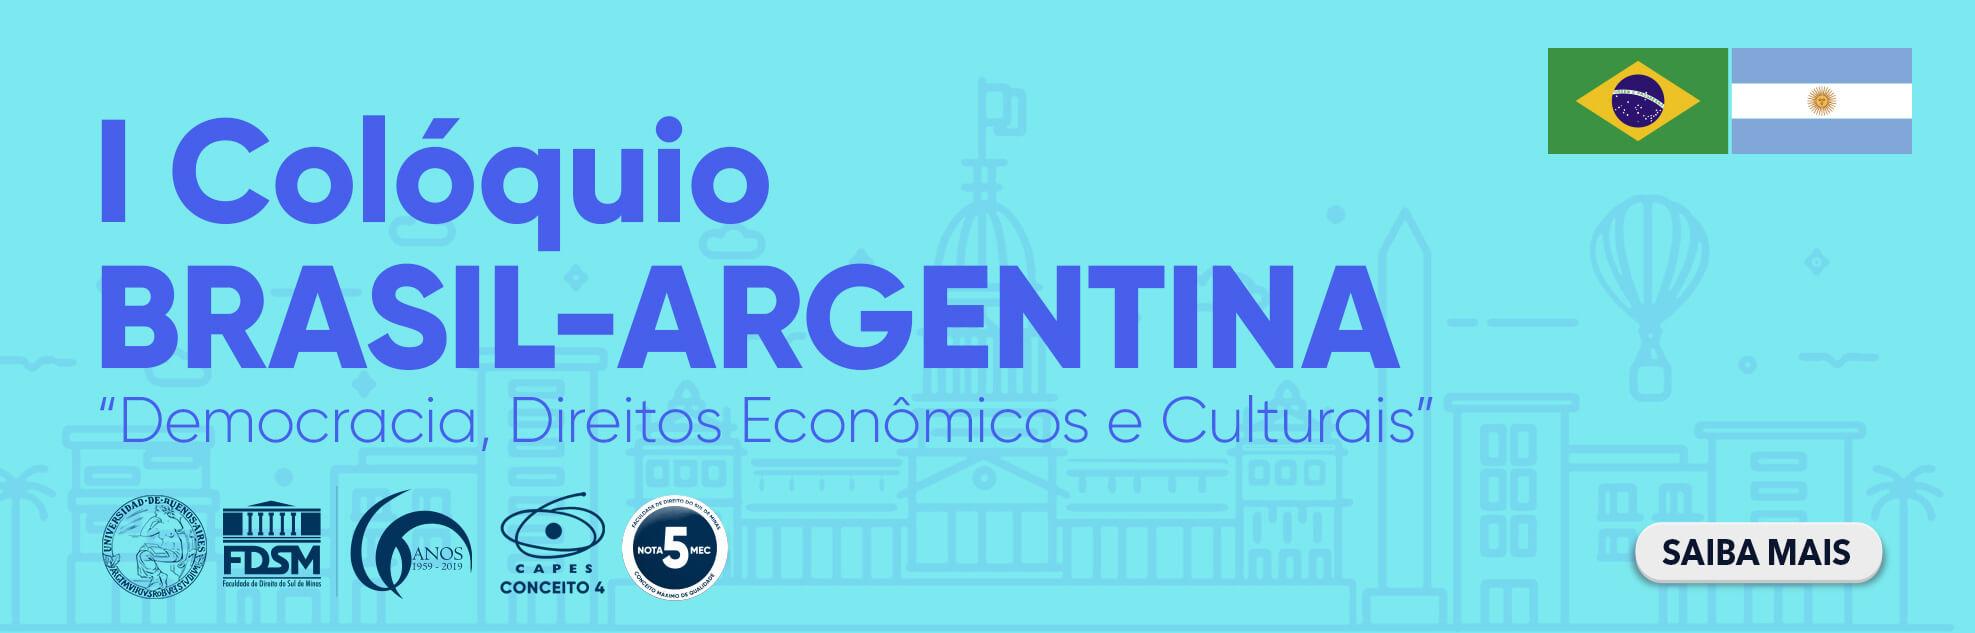 I Colóquio BRASIL-ARGENTINA